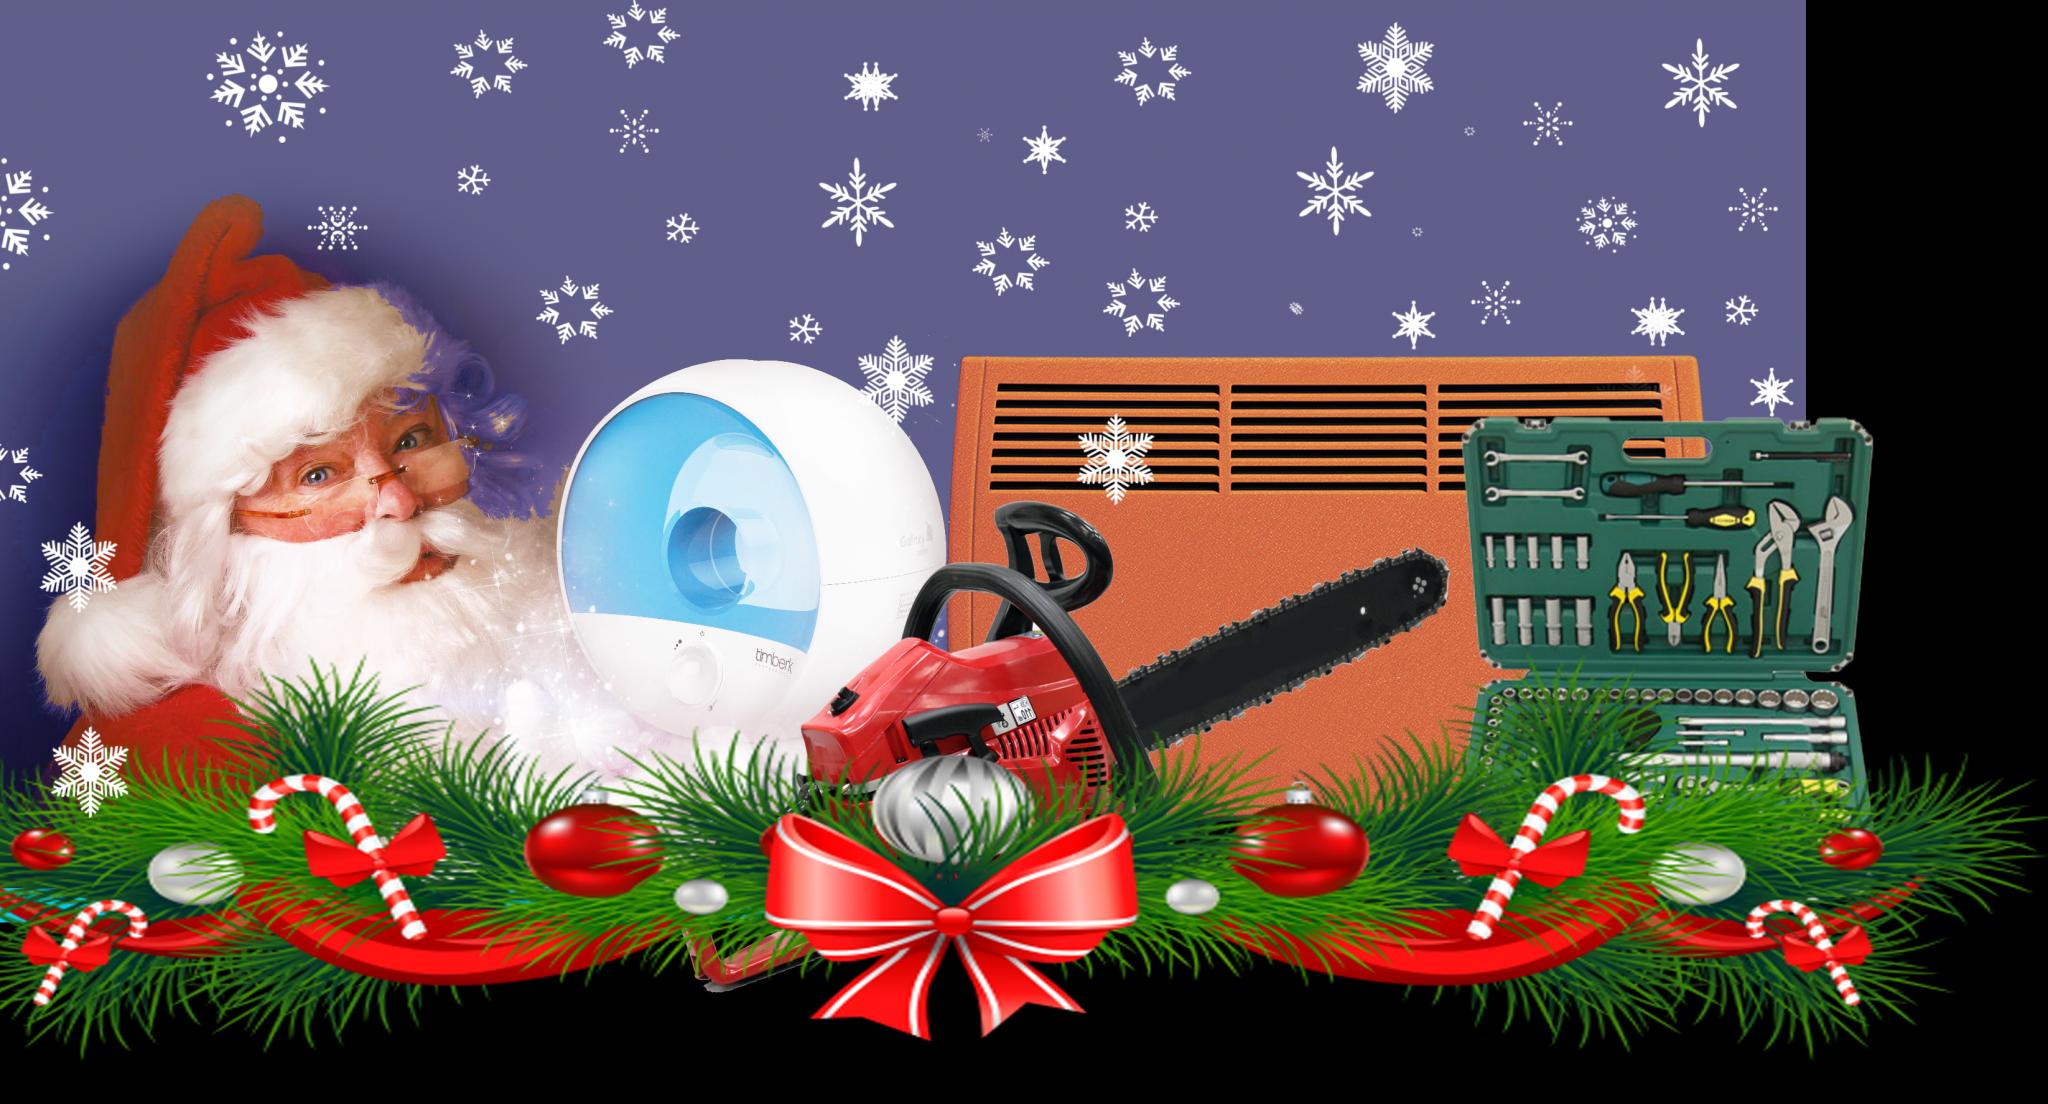 Делайте новогодние сюрпризы правильно: нужные подарки в ТД «Стройбат»!